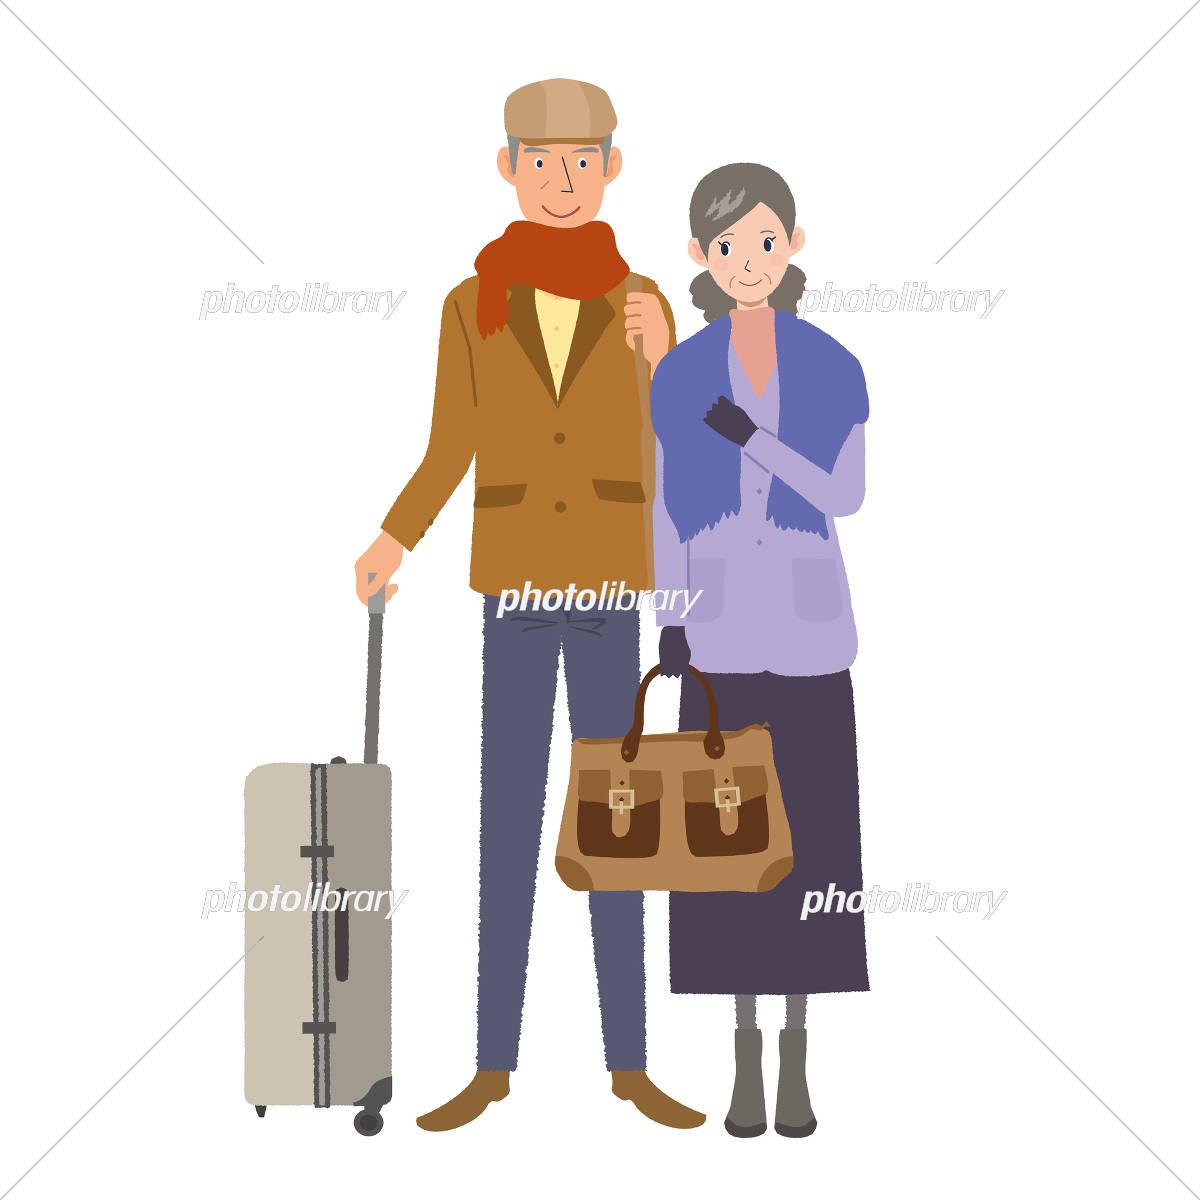 旅行 シニア 夫婦 イラスト イラスト素材 [ 5310696 ] - フォトライブ